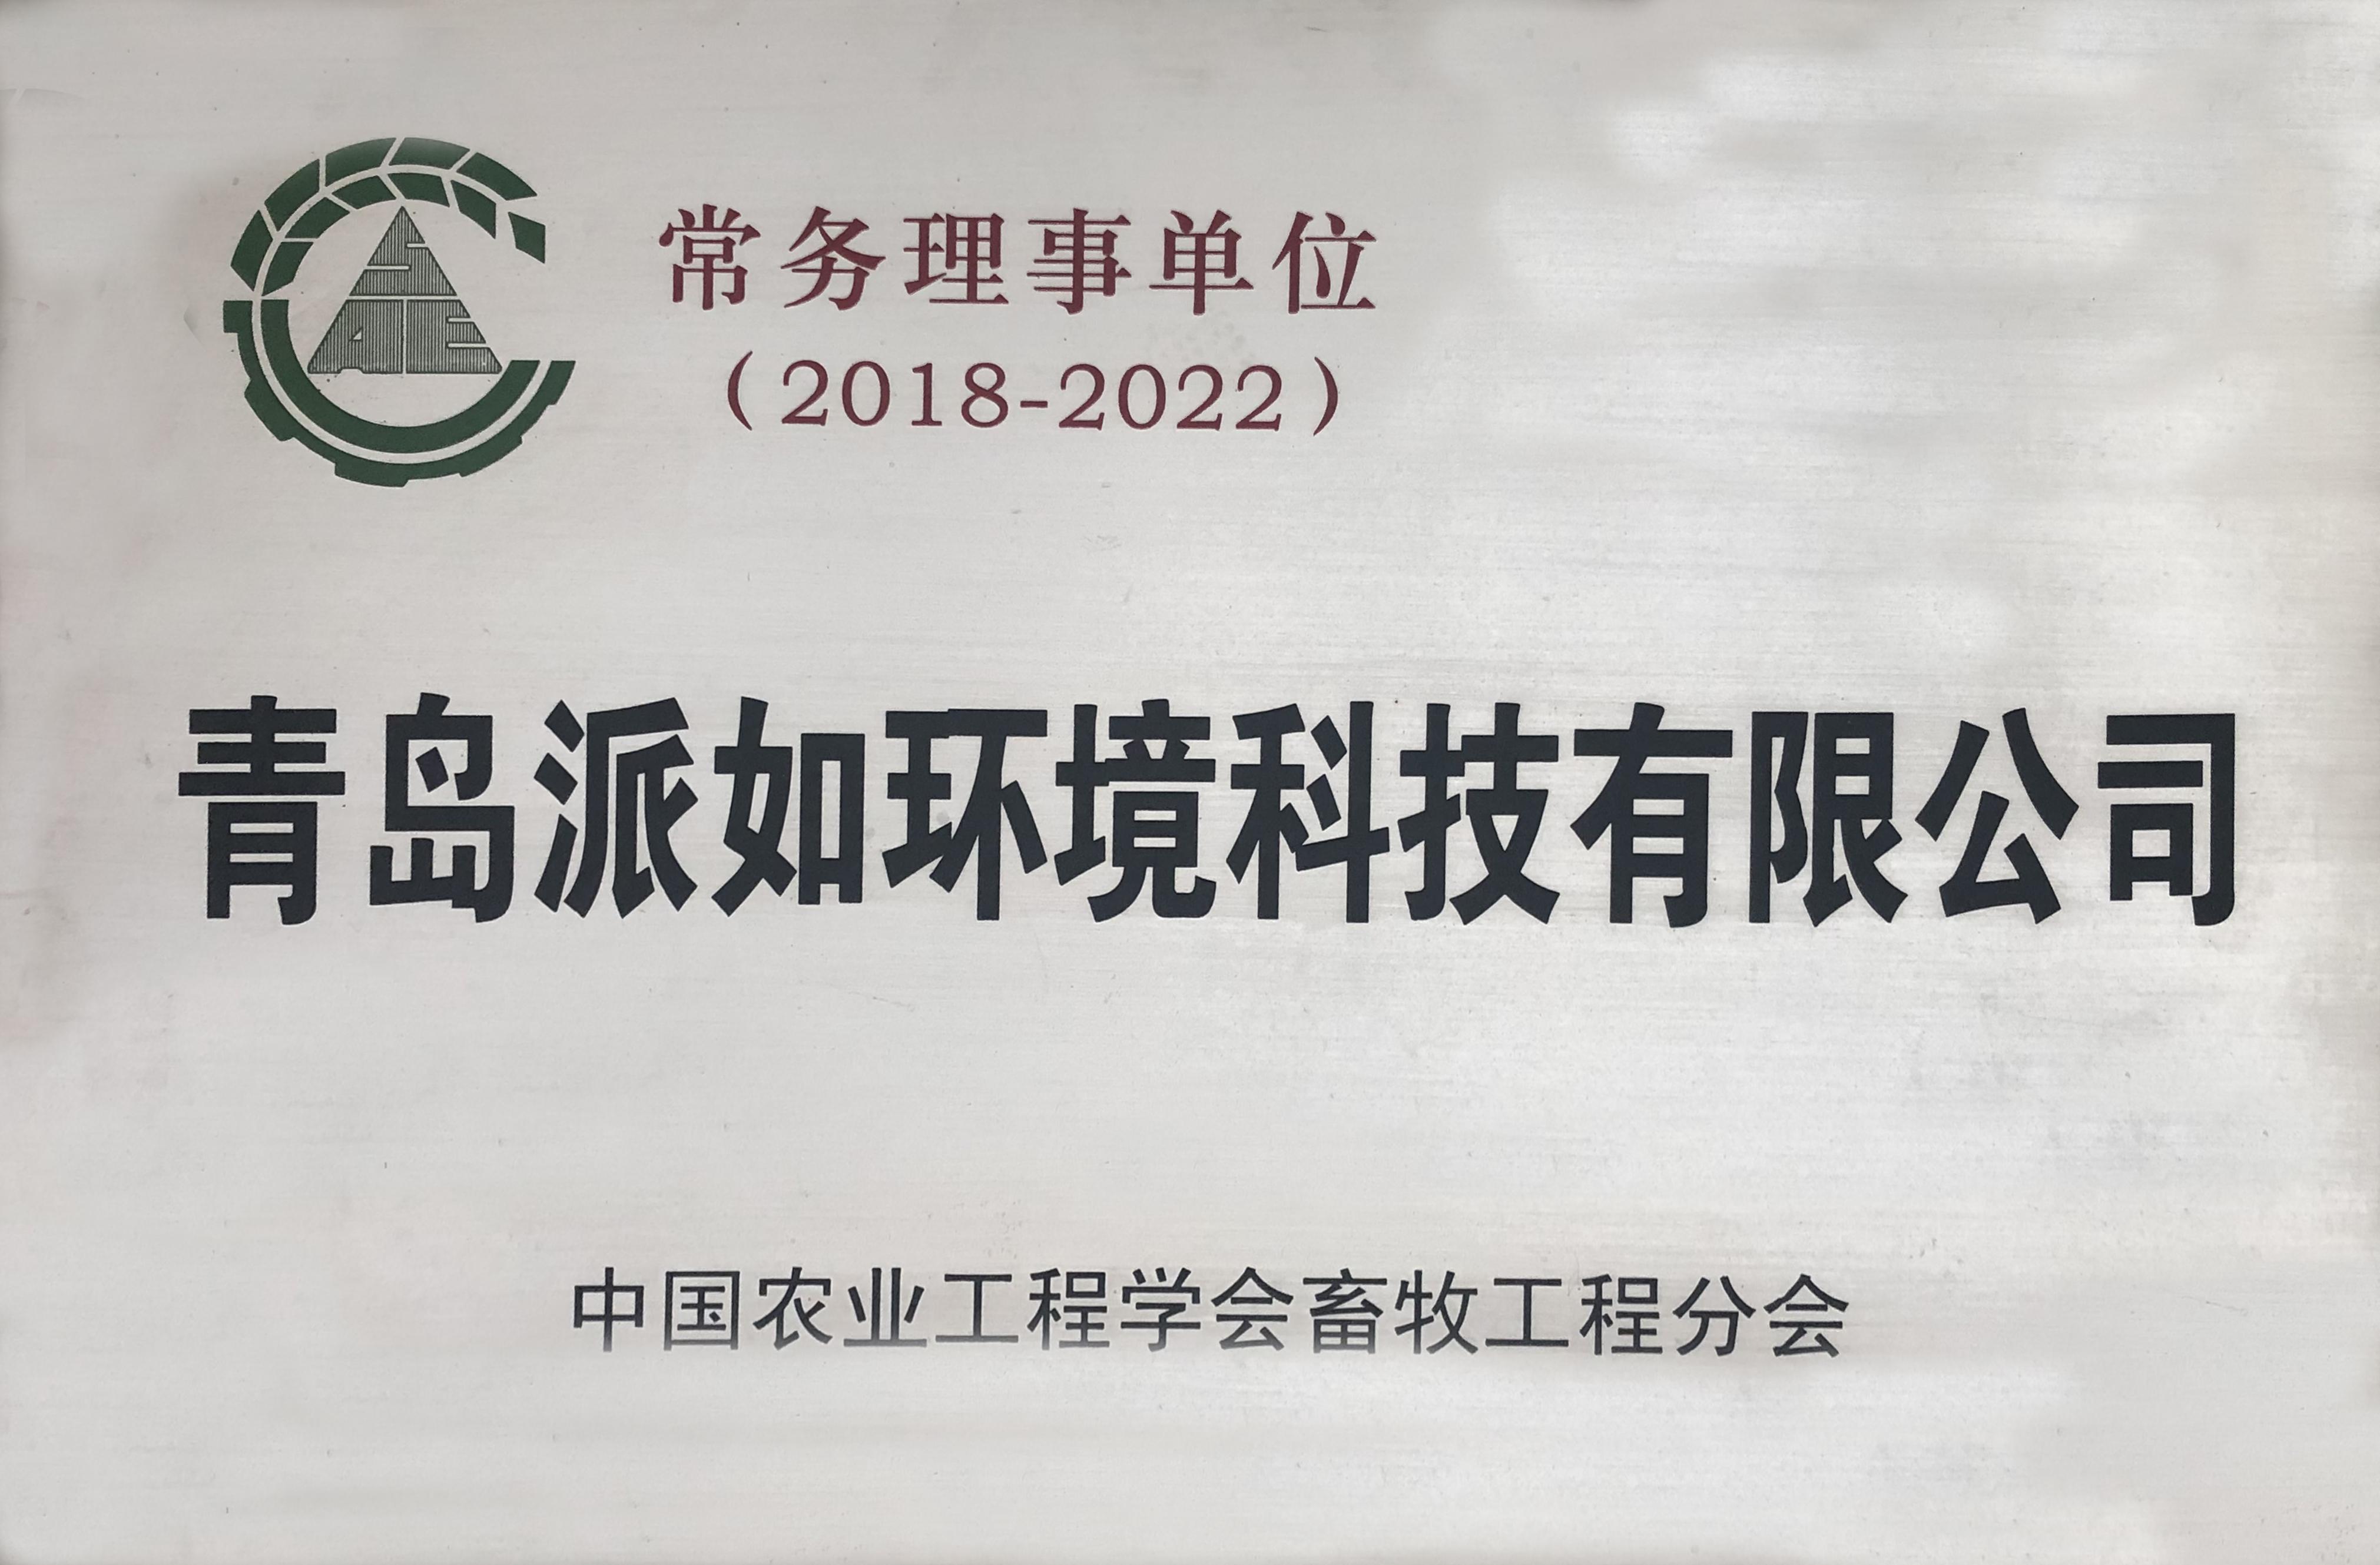 中國農業工程學會畜牧工程分會常務理事單位